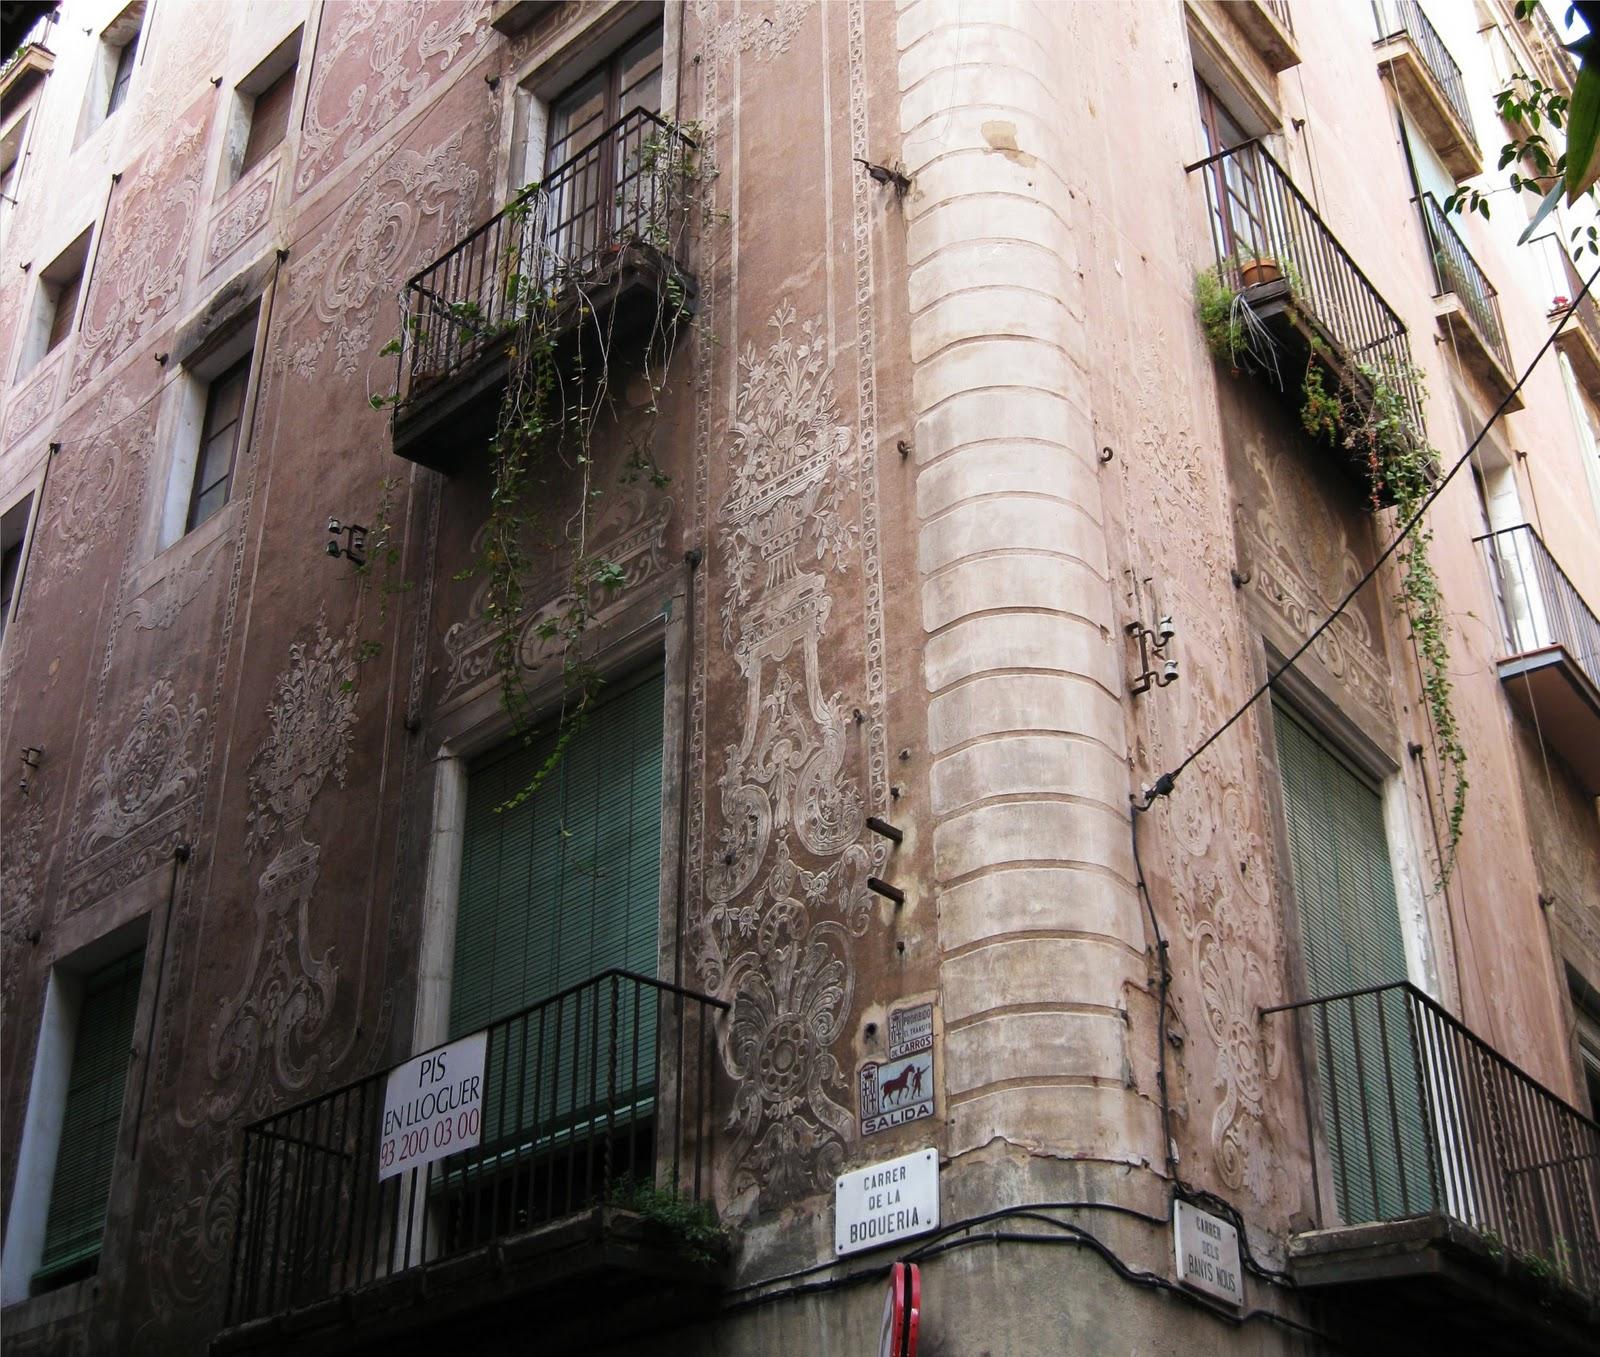 Milerenda paseos curiosos por barcelona 5 parte - Calle boqueria barcelona ...